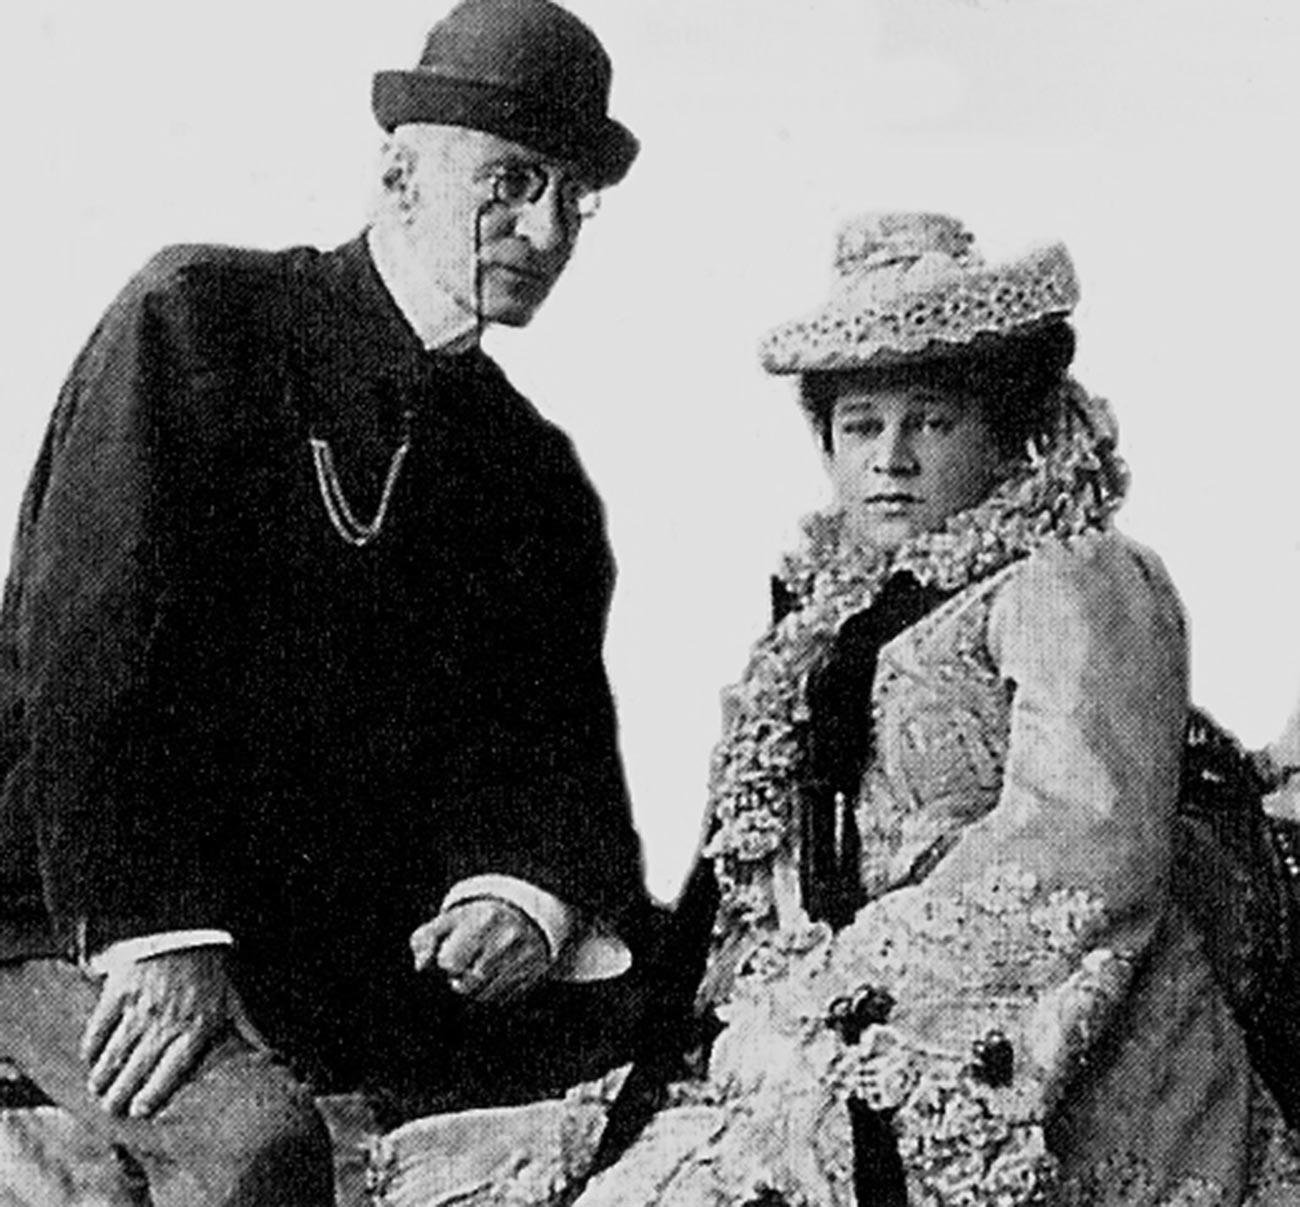 Великий князь Николай Константинович и его жена княгиня Надежда Искандер (ур. Дрейер) в Ташкенте